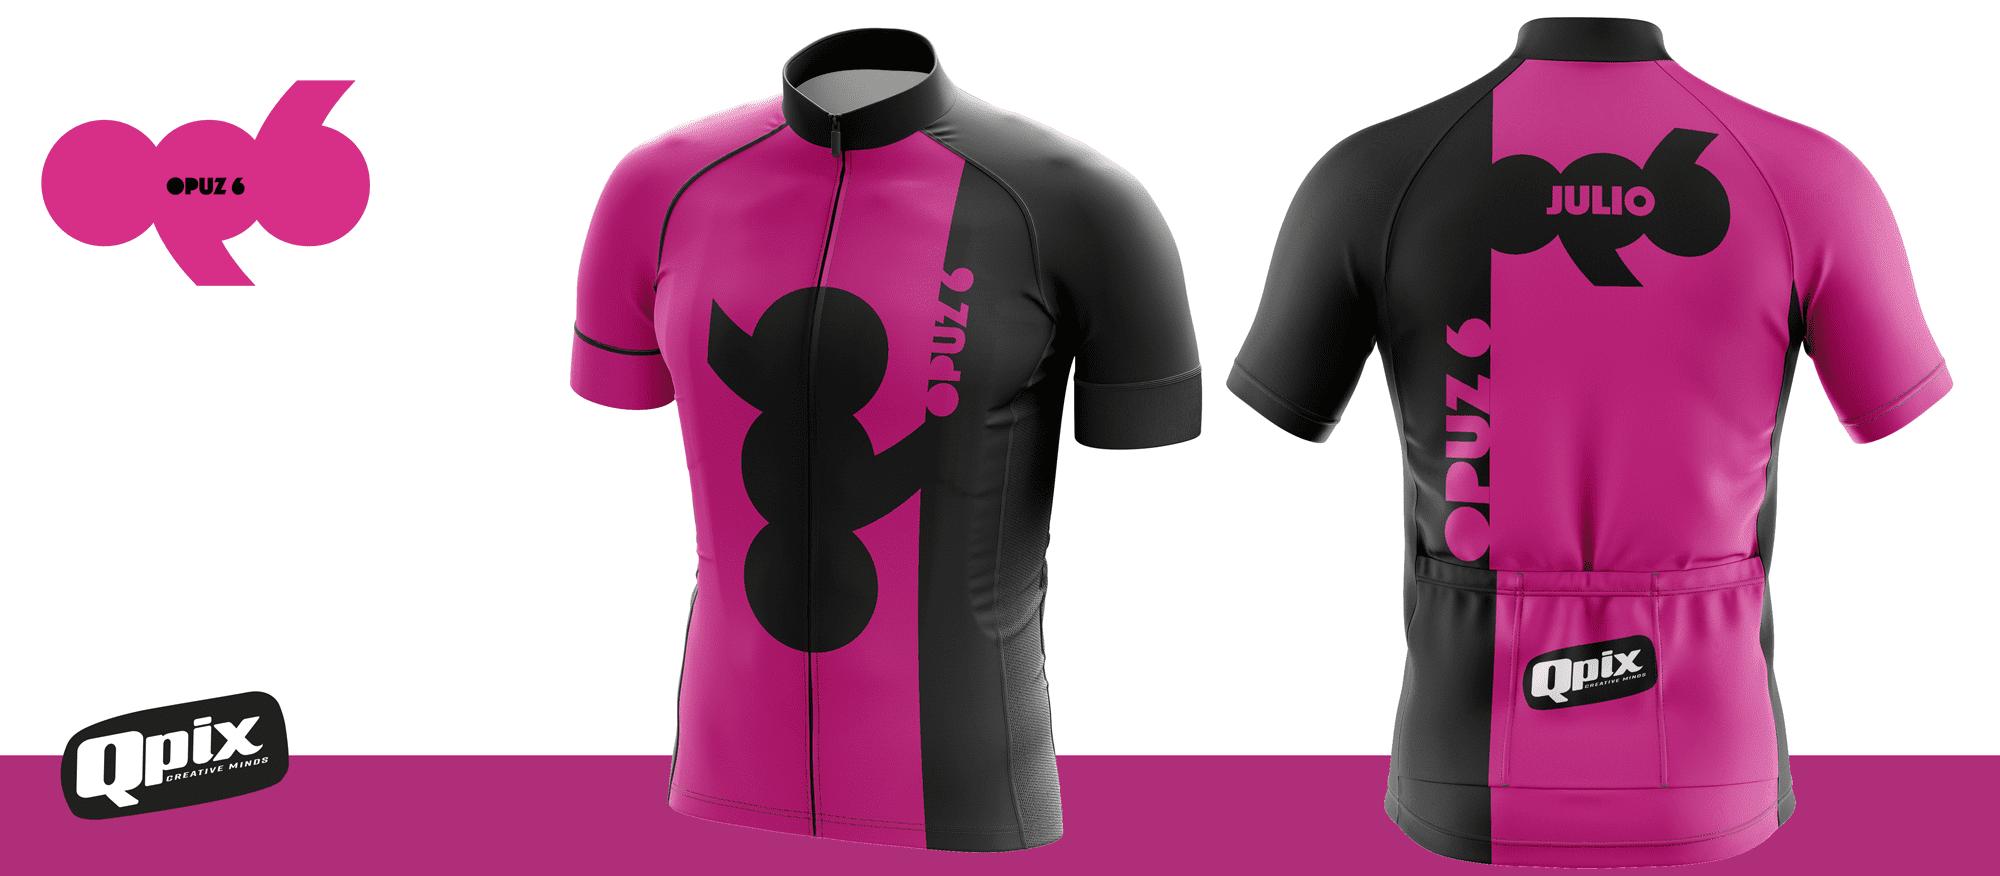 """Jersey para grupo de ciclismo urbano """"Opuz 6"""""""